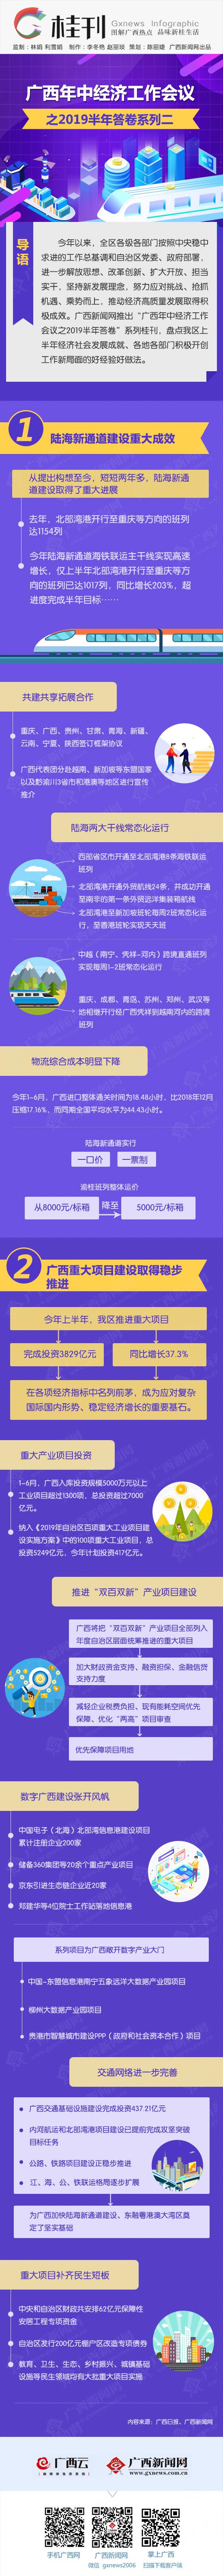 桂刊|广西年中经济工作会议之2019半年答卷系列二